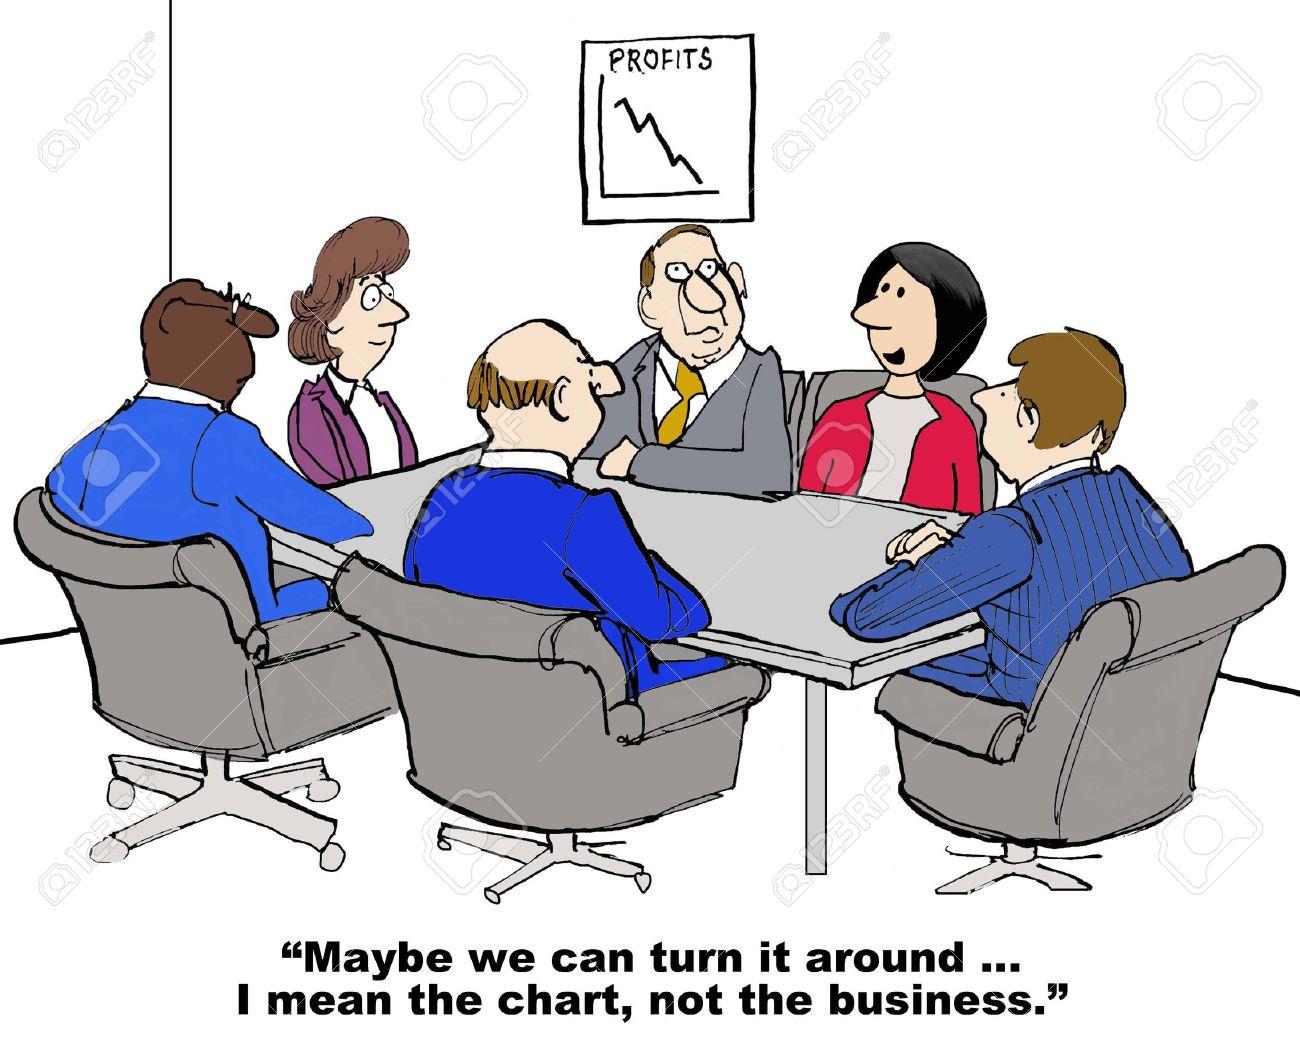 De Dibujos Animados De Negocios Que Muestra Una Reunión Y El Gráfico ...